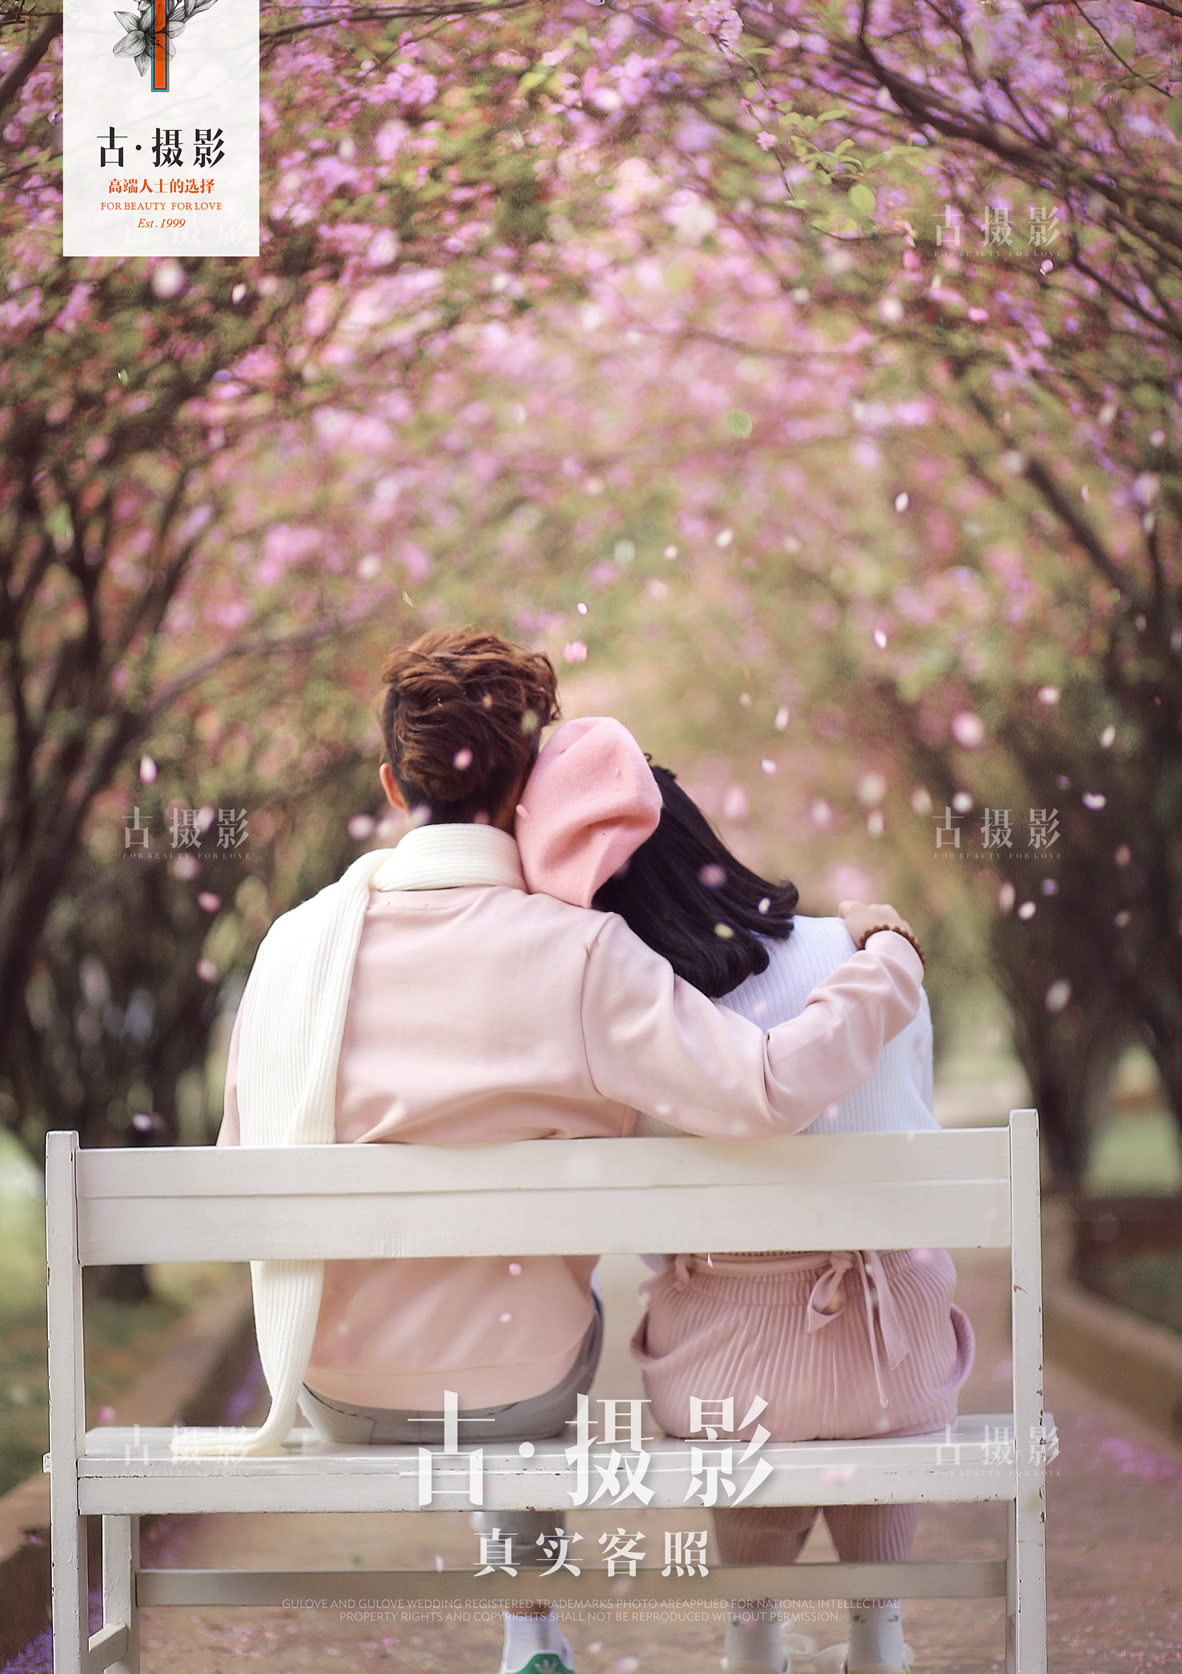 庾家花园 - 昆明婚纱景点客照 - love昆明古摄影-昆明婚纱摄影网